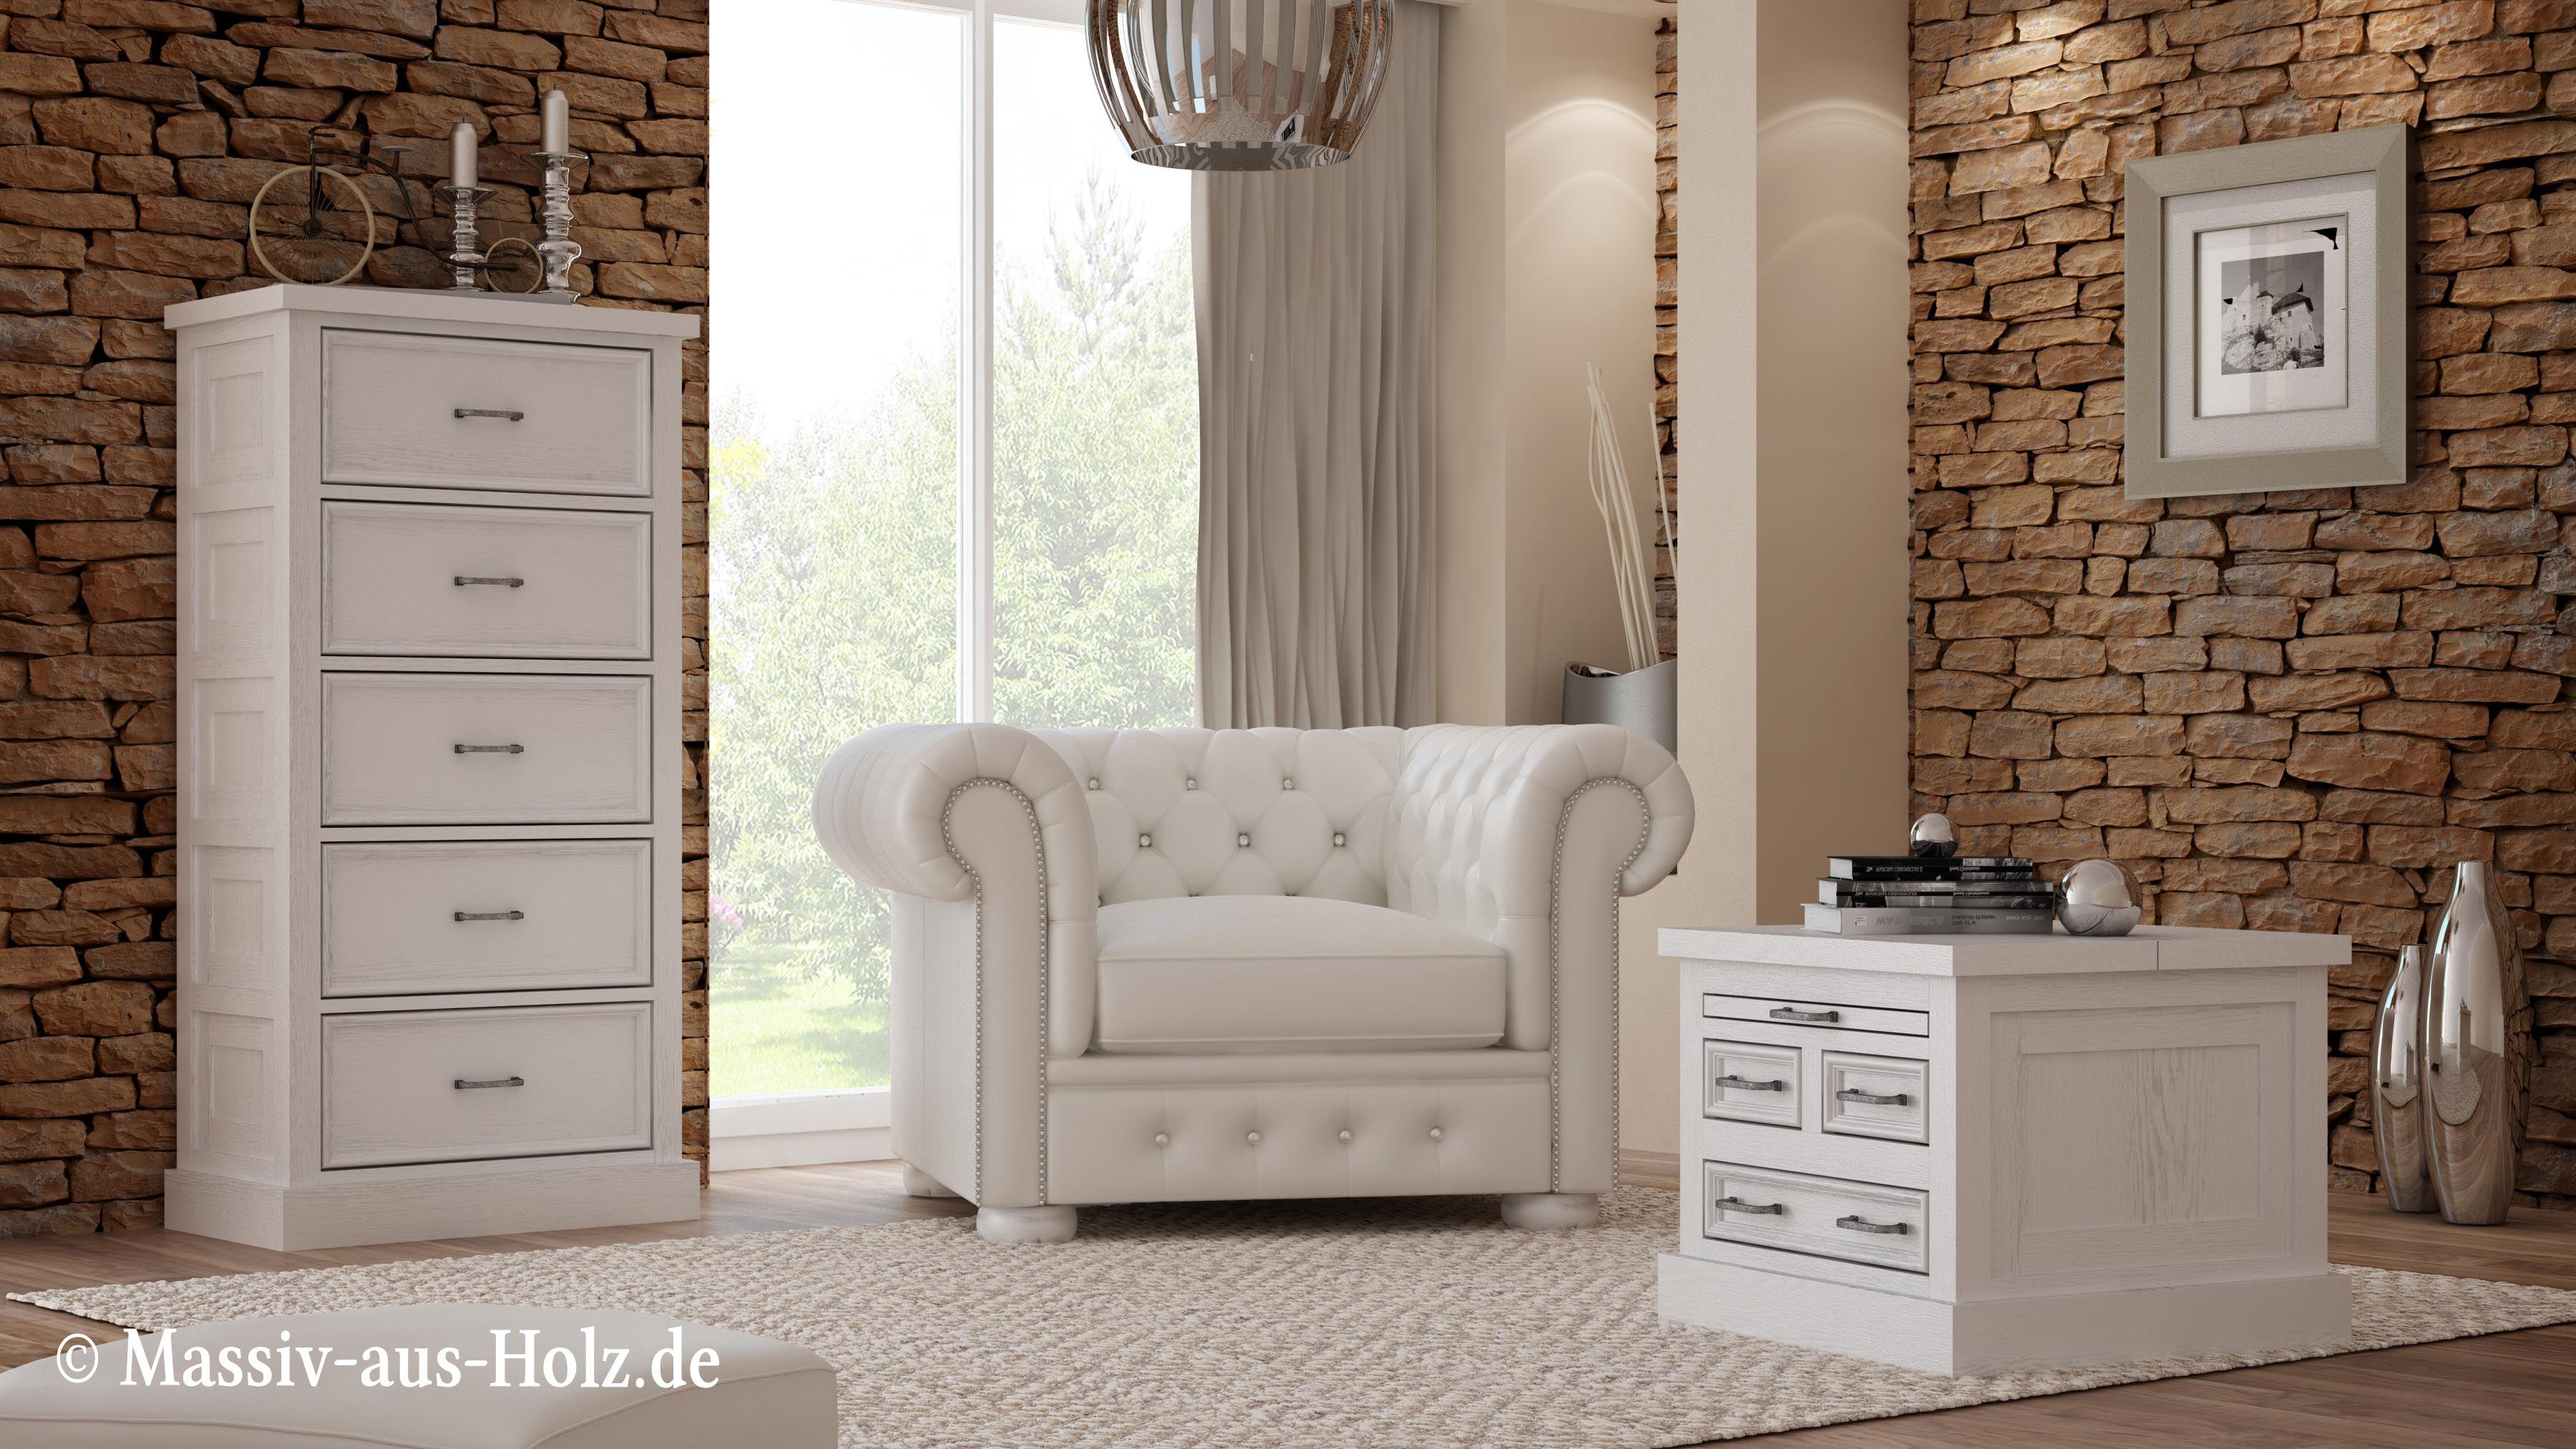 Wohnzimmermöbel Massiv ~ Massiv aus holz ein augenschmaus für alle minimalisten